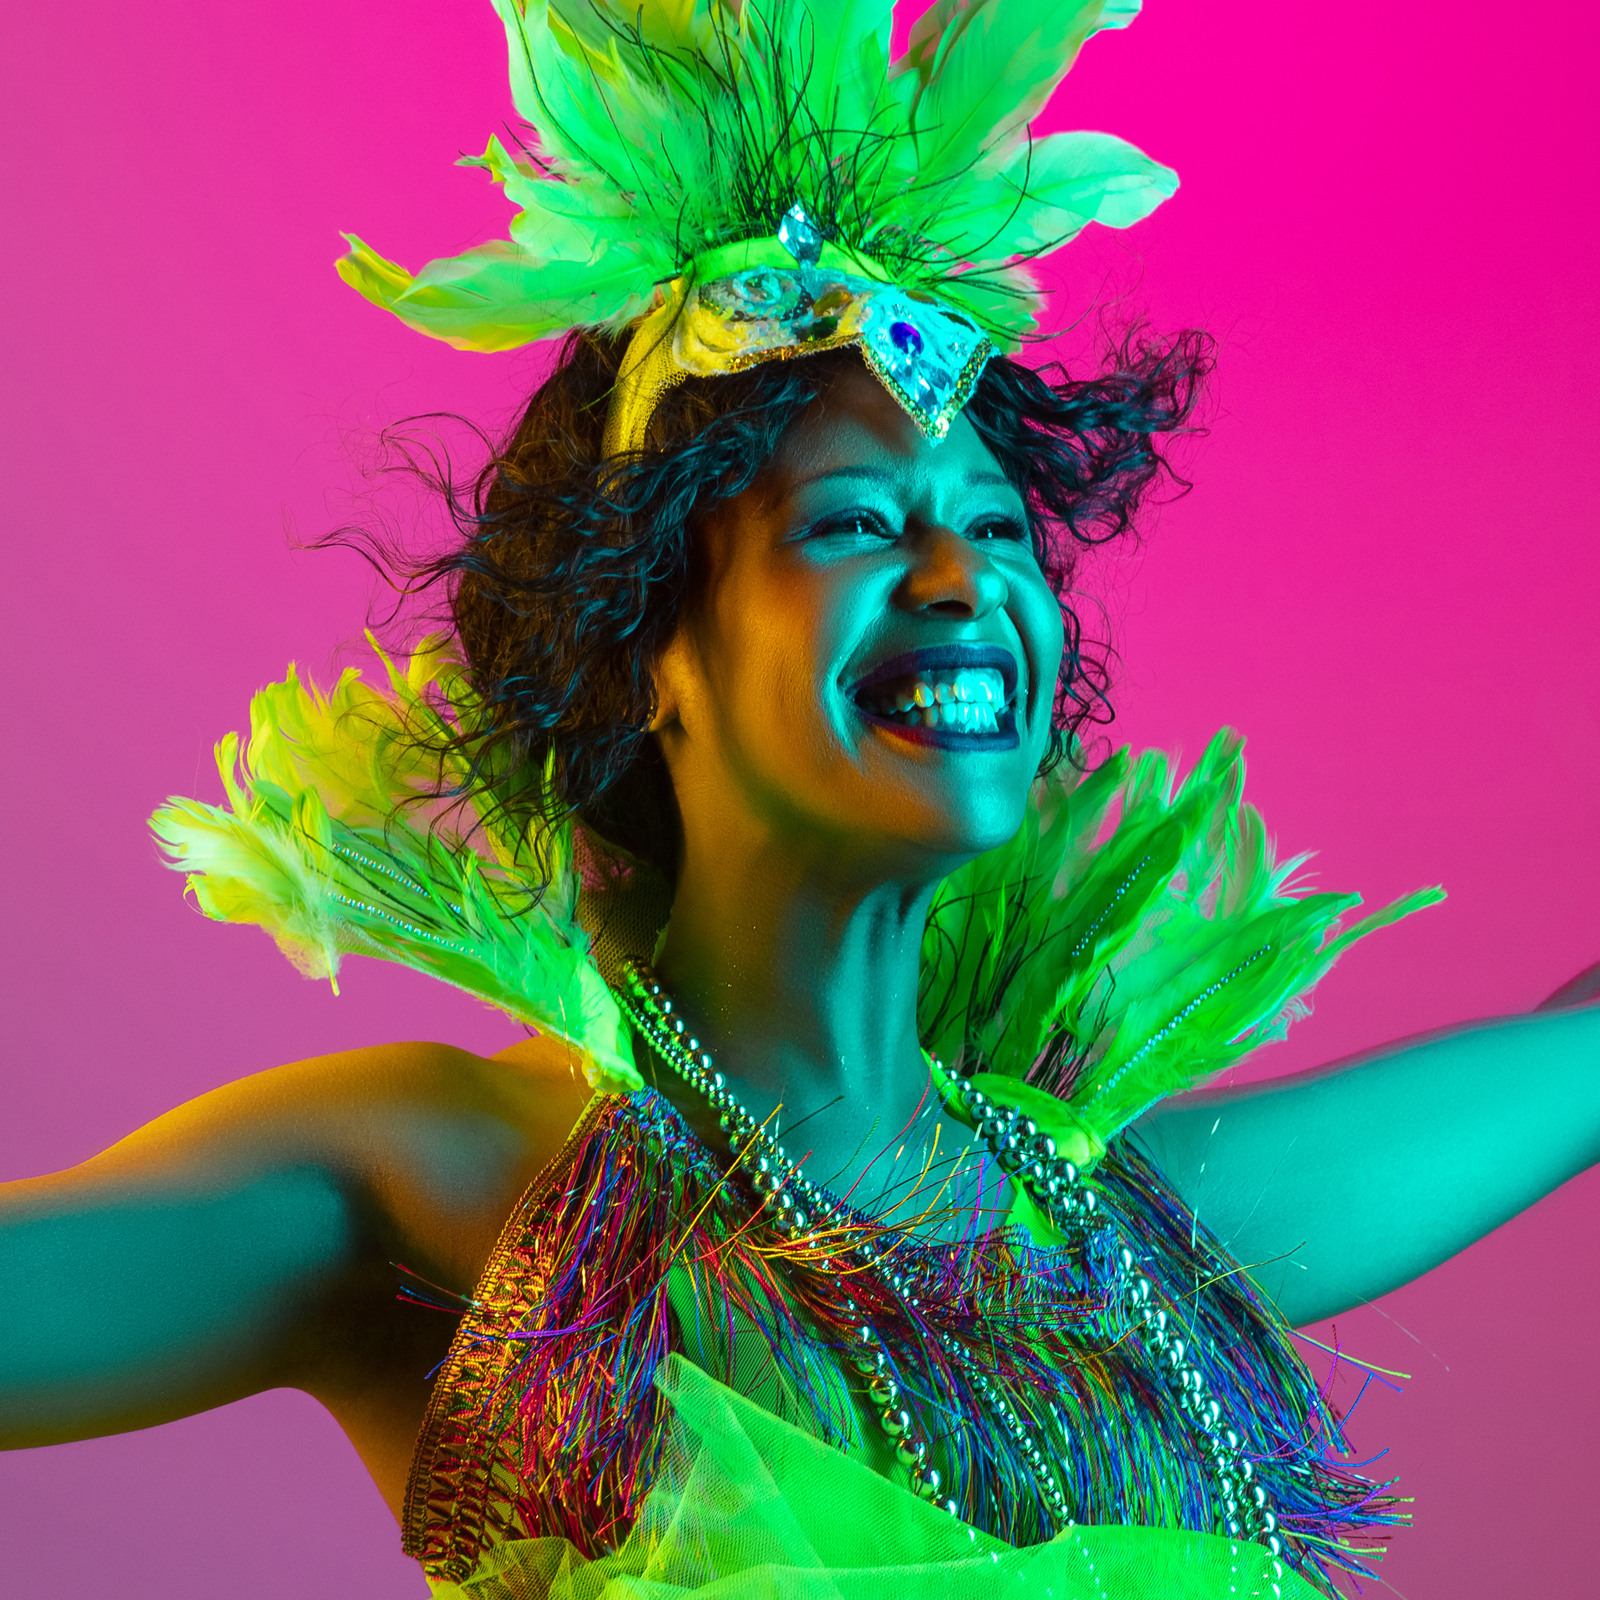 10 curiosidades sobre o Carnaval que você talvez não conheça